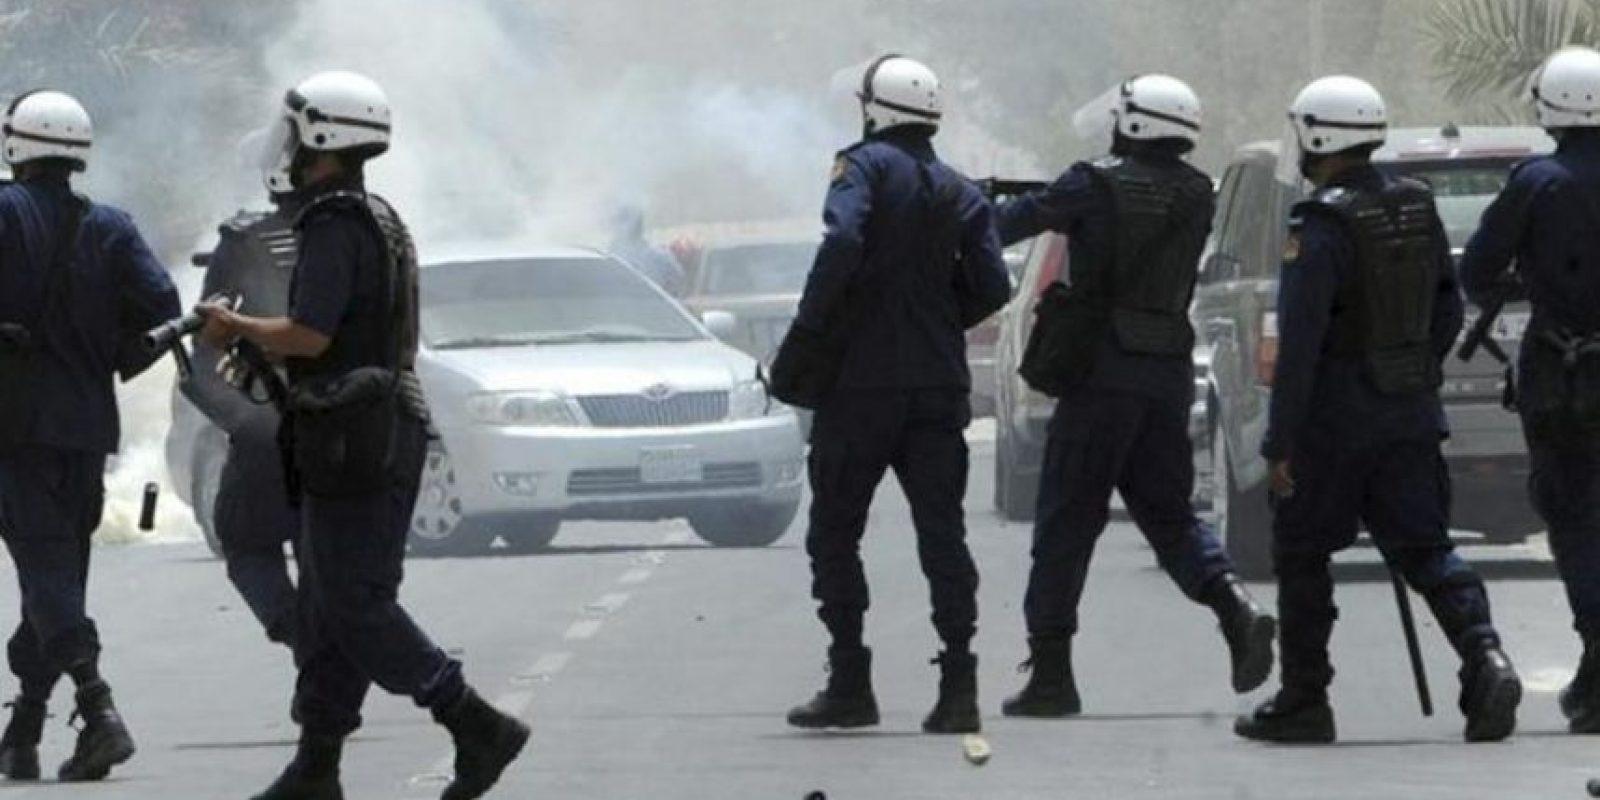 Policías bareiníes lanzan gas lacrimógeno a los manifestantes durante unos disturbios en la villa de Shakura al norte de Manama en Baréin. EFE